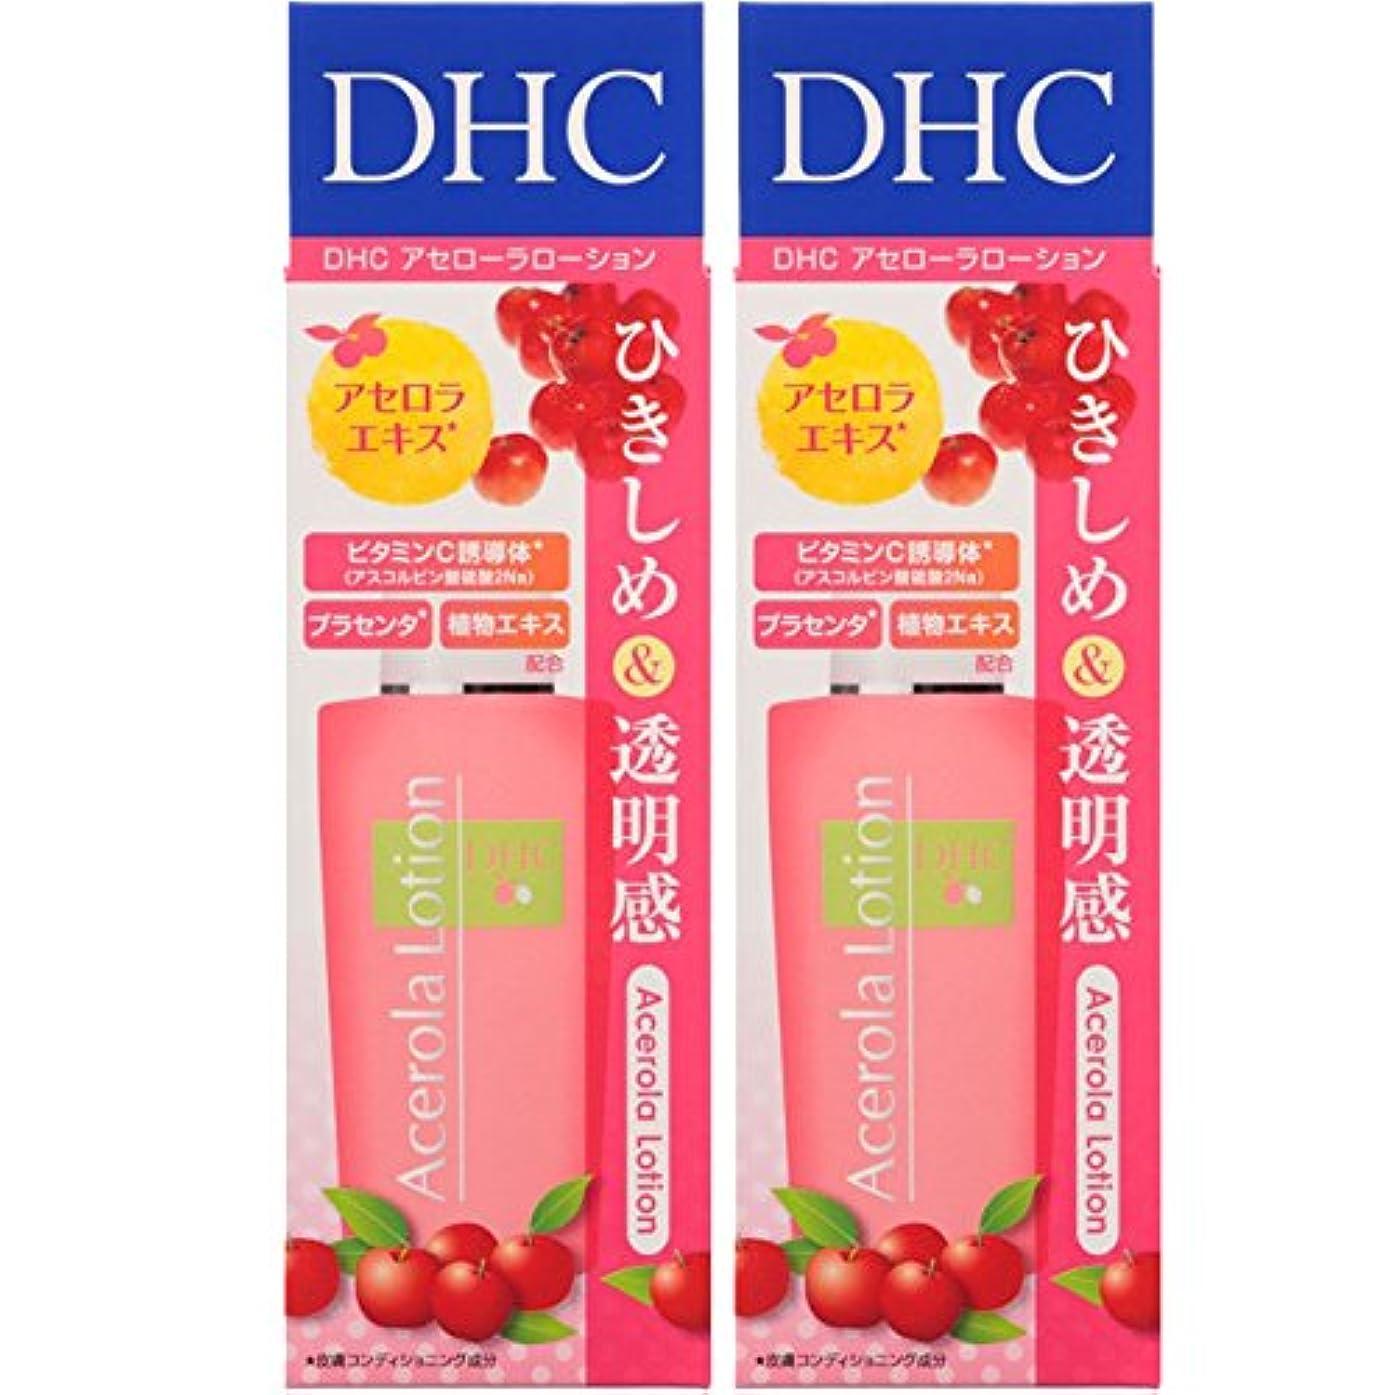 発疹均等に砂漠【セット品】DHC アセロラローション (SS) 40ml 2個セット